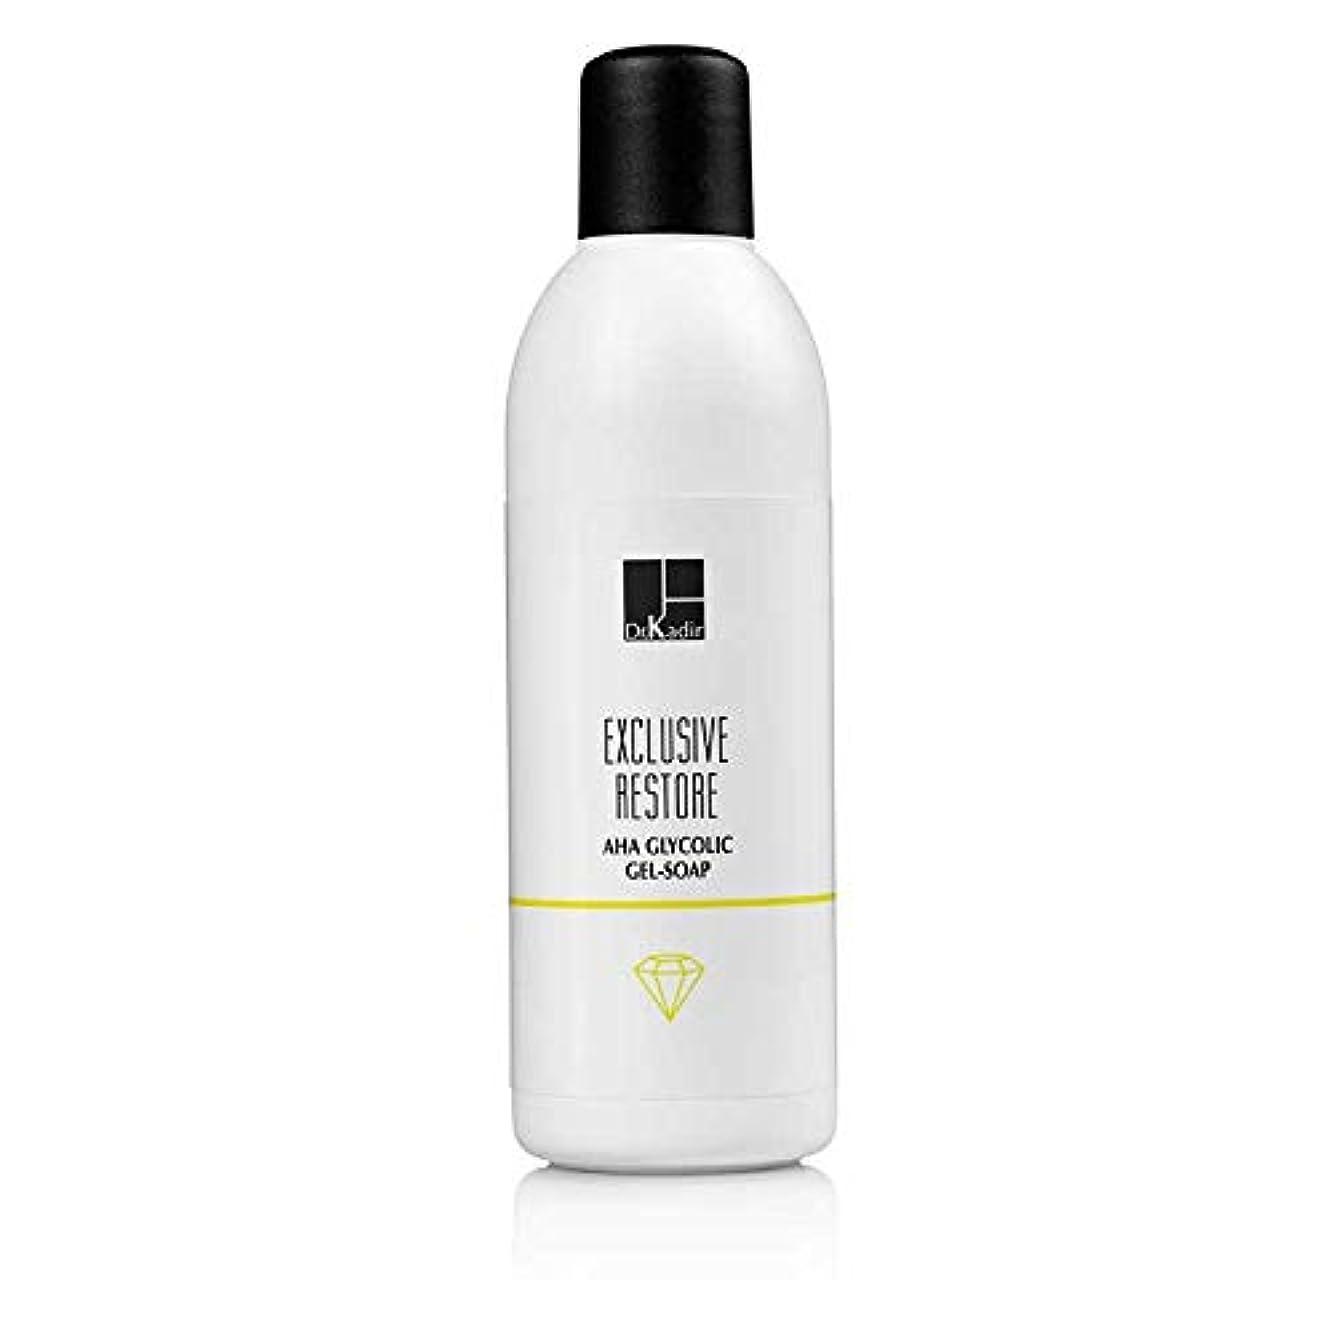 居眠りする医療のバイナリDr. Kadir Exclusive Restore Glycolic AHA Gel Soap 250ml